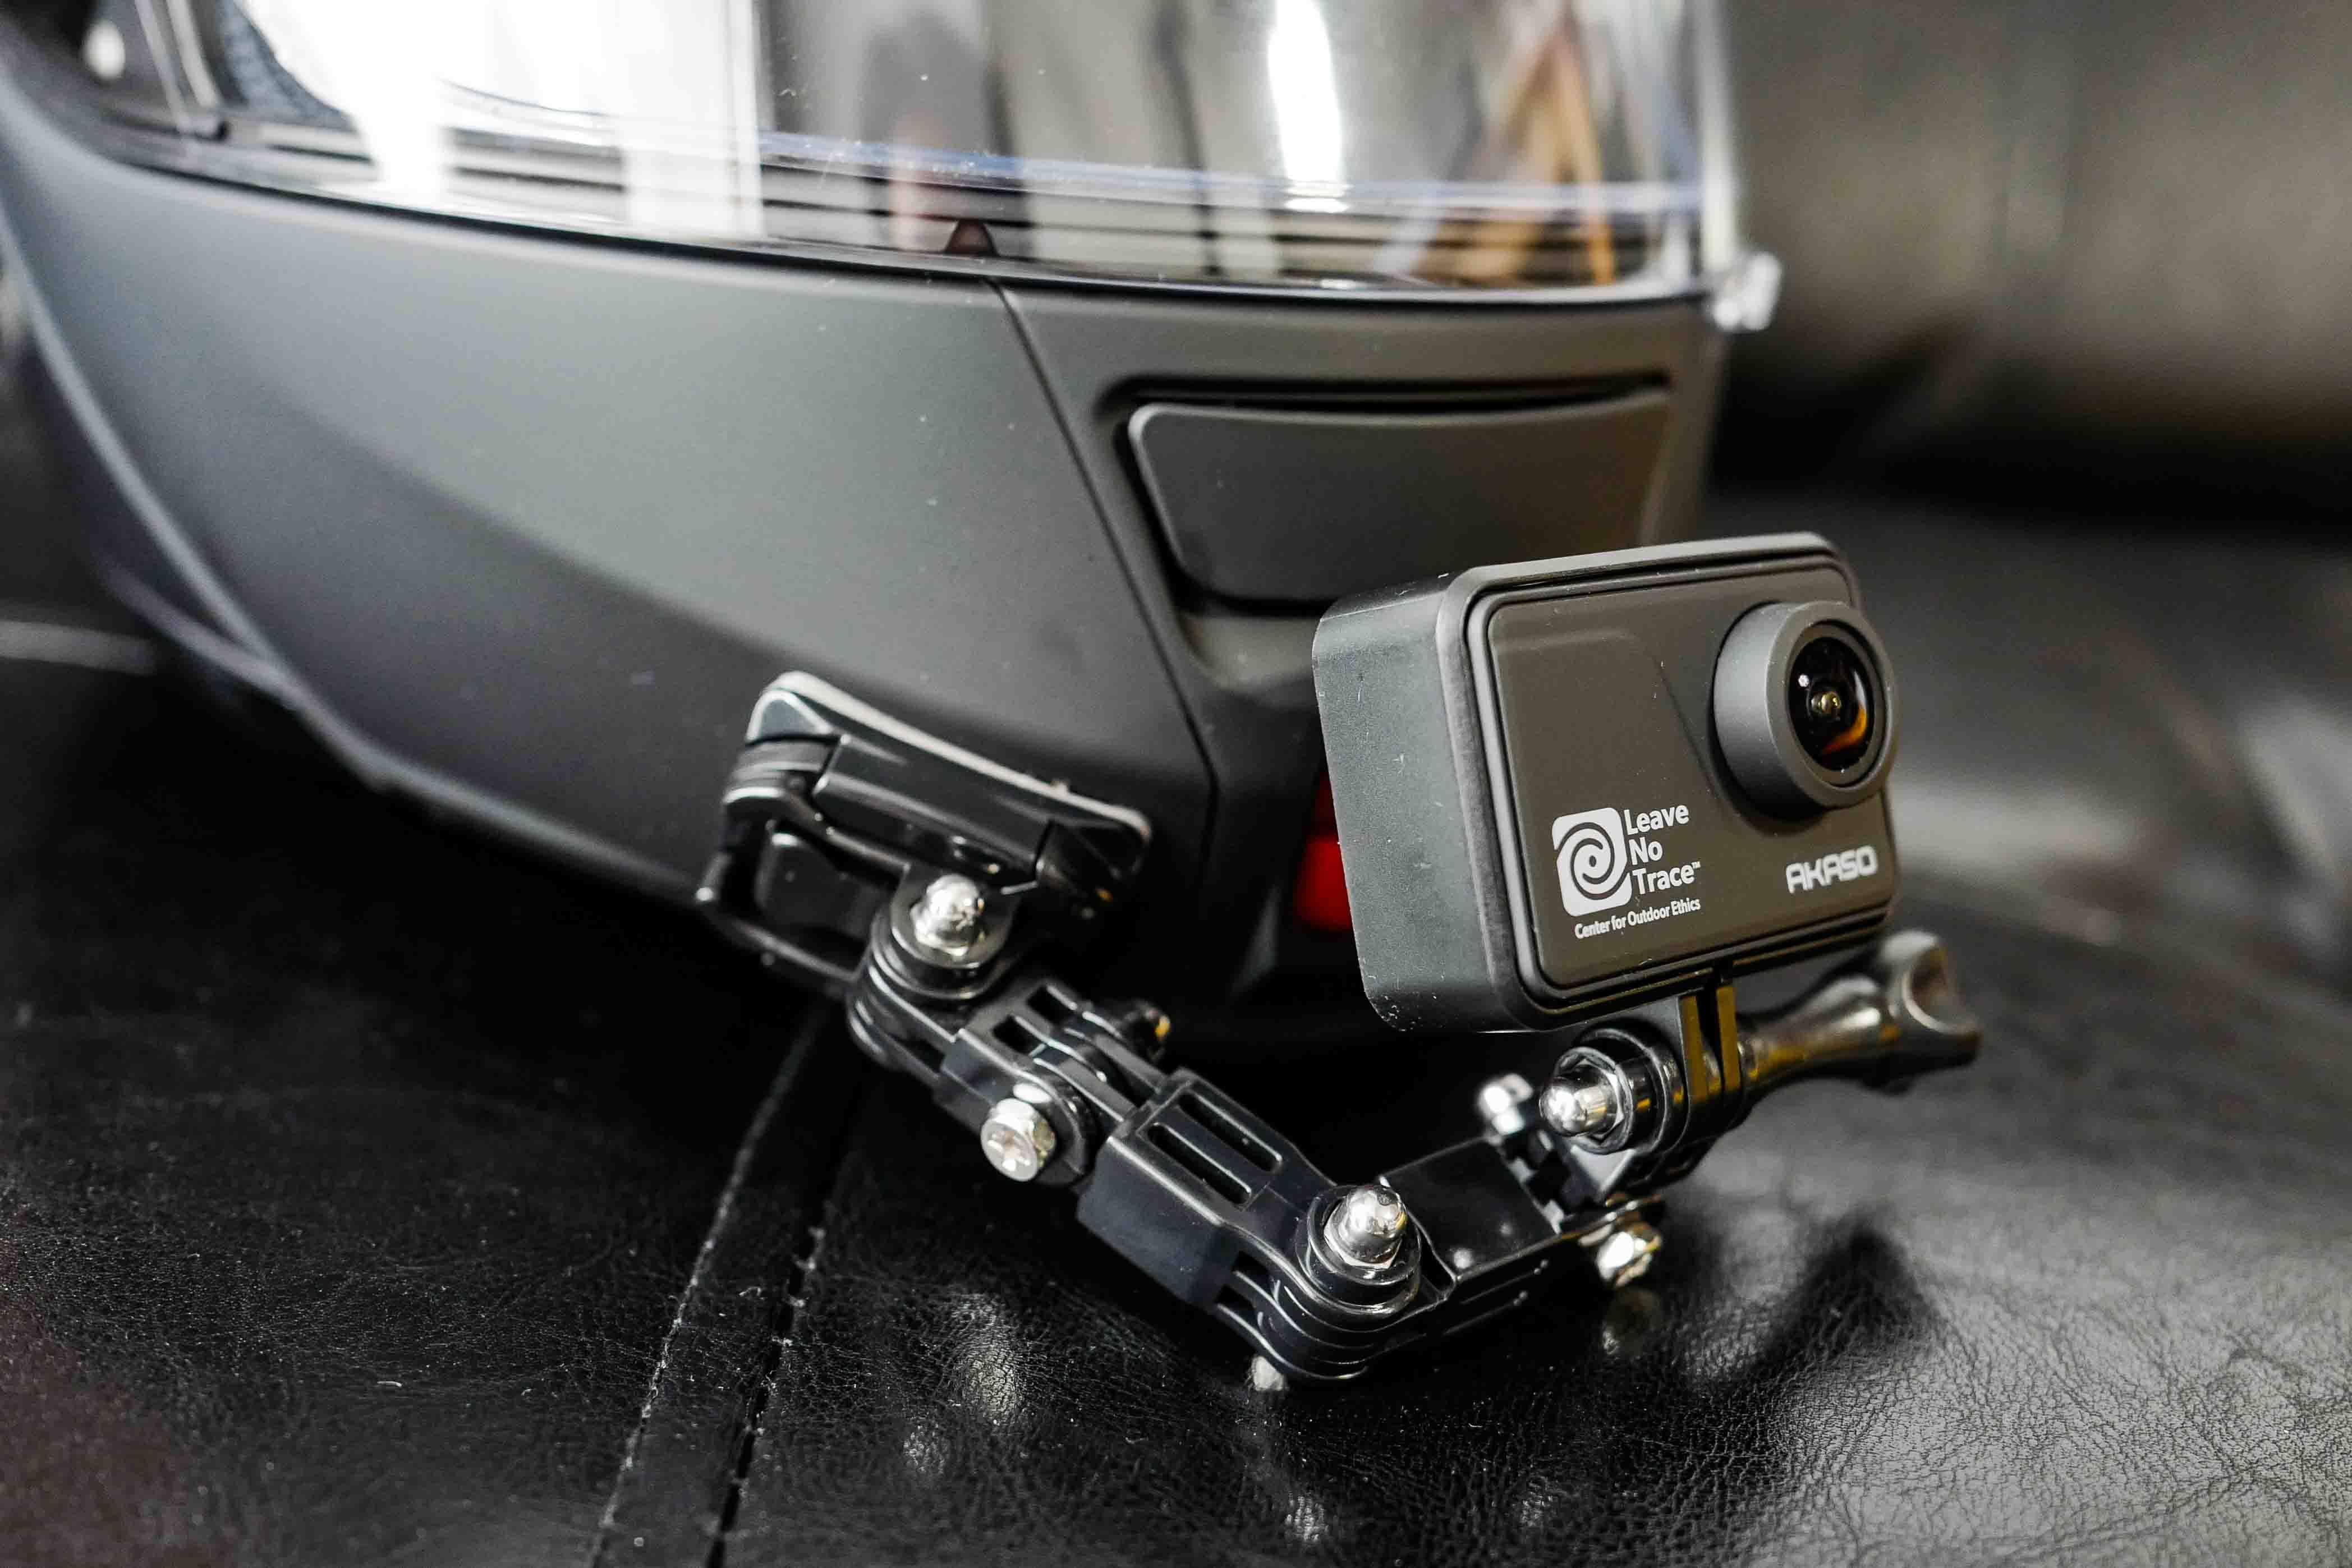 【バイク走行動画で比べてみよう!】GoPro等アクションカメラのマウント方法(ヘルメット顎マウント・ネックマウント)